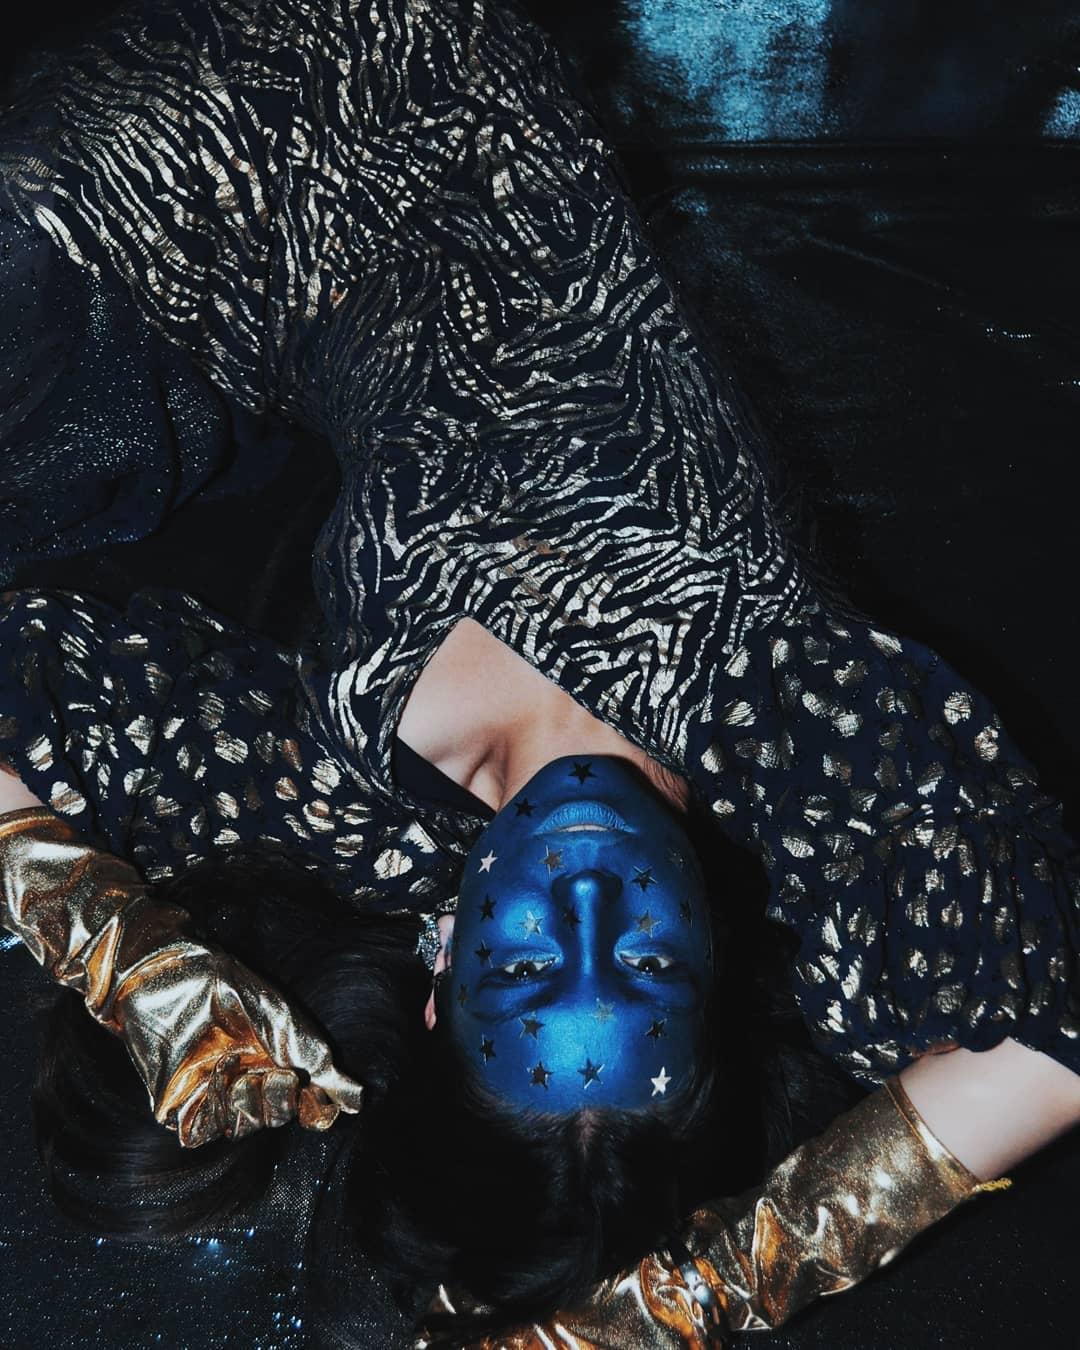 Nuevos talentos: Entrevista al multifacético productor de moda chileno Gonzalo Raasch